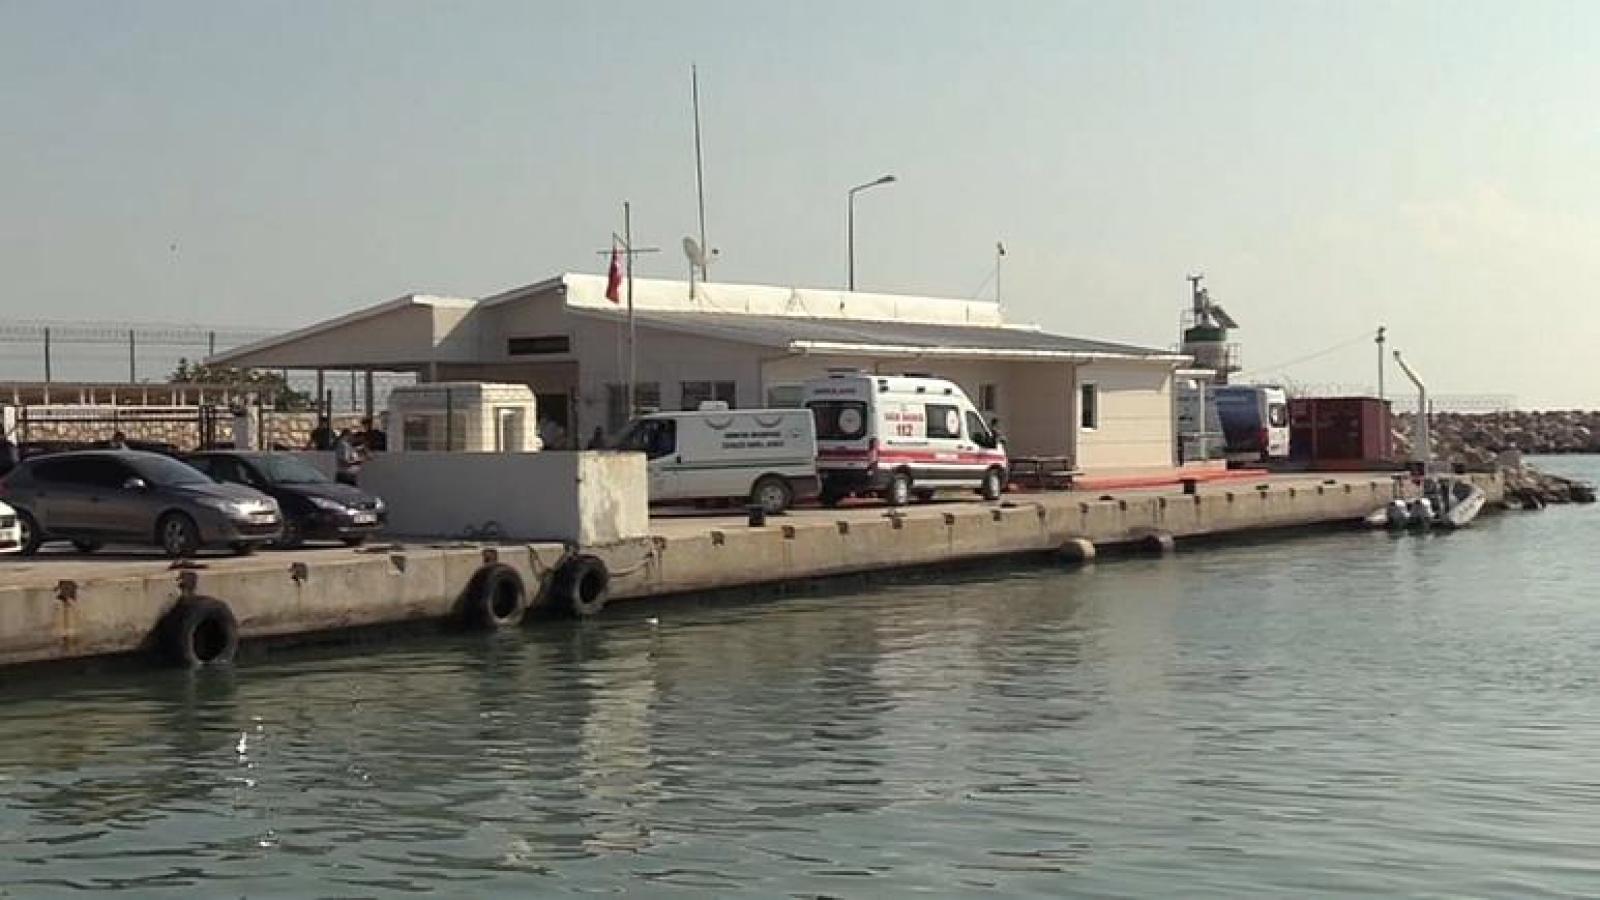 4 người thiệt mạng trong vụ va chạm giữa tàu chở dầu Hy Lạp và tàu đánh cá Thổ Nhĩ Kỳ